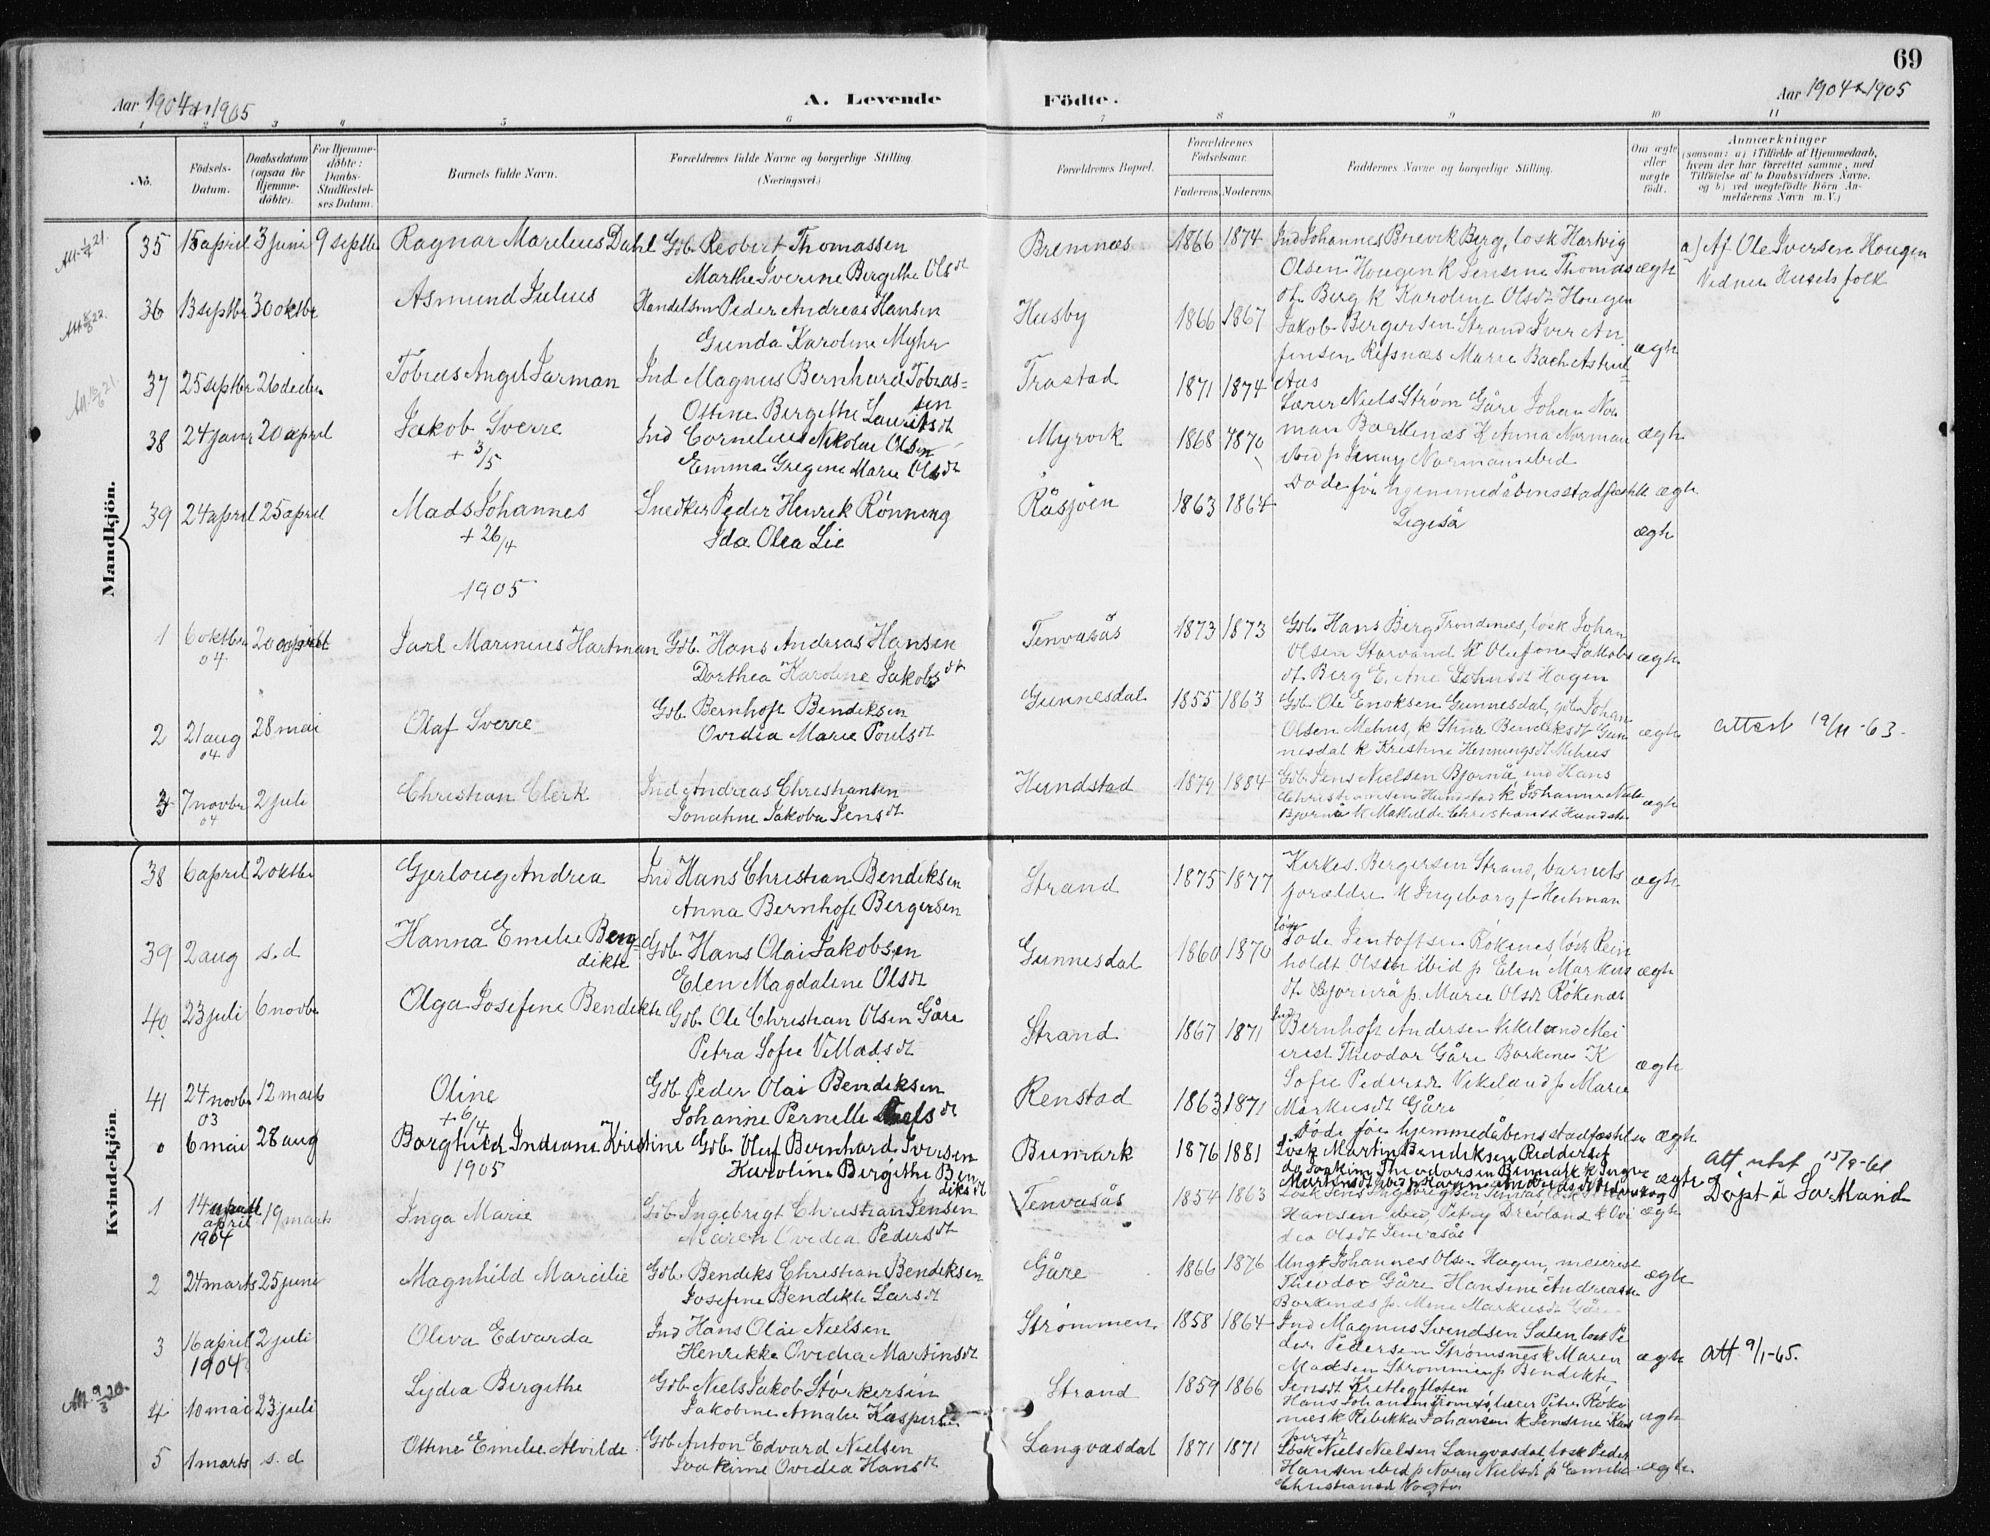 SATØ, Kvæfjord sokneprestkontor, G/Ga/Gaa/L0006kirke: Ministerialbok nr. 6, 1895-1914, s. 69